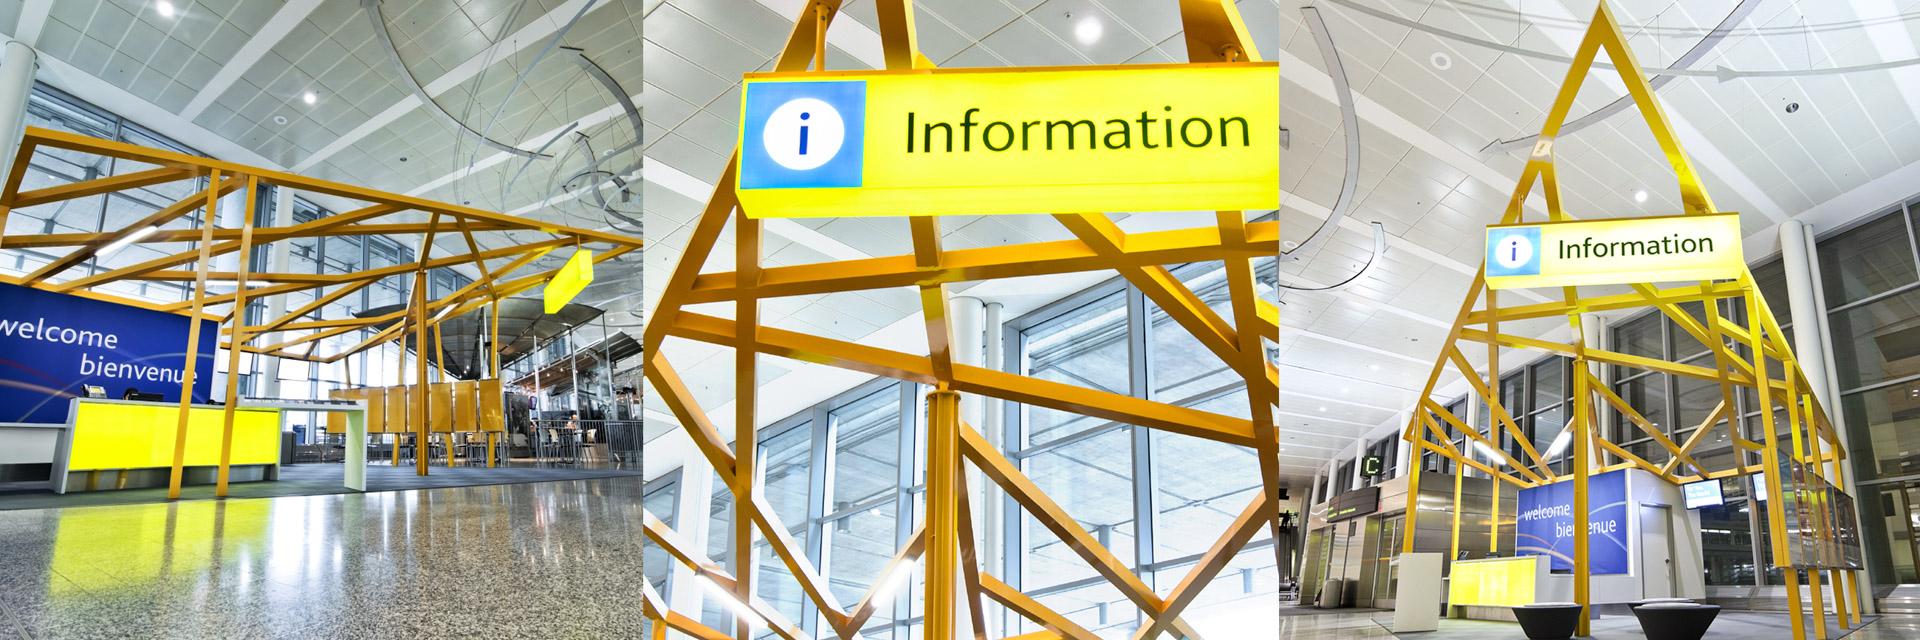 portfolio gtaa information kiosk